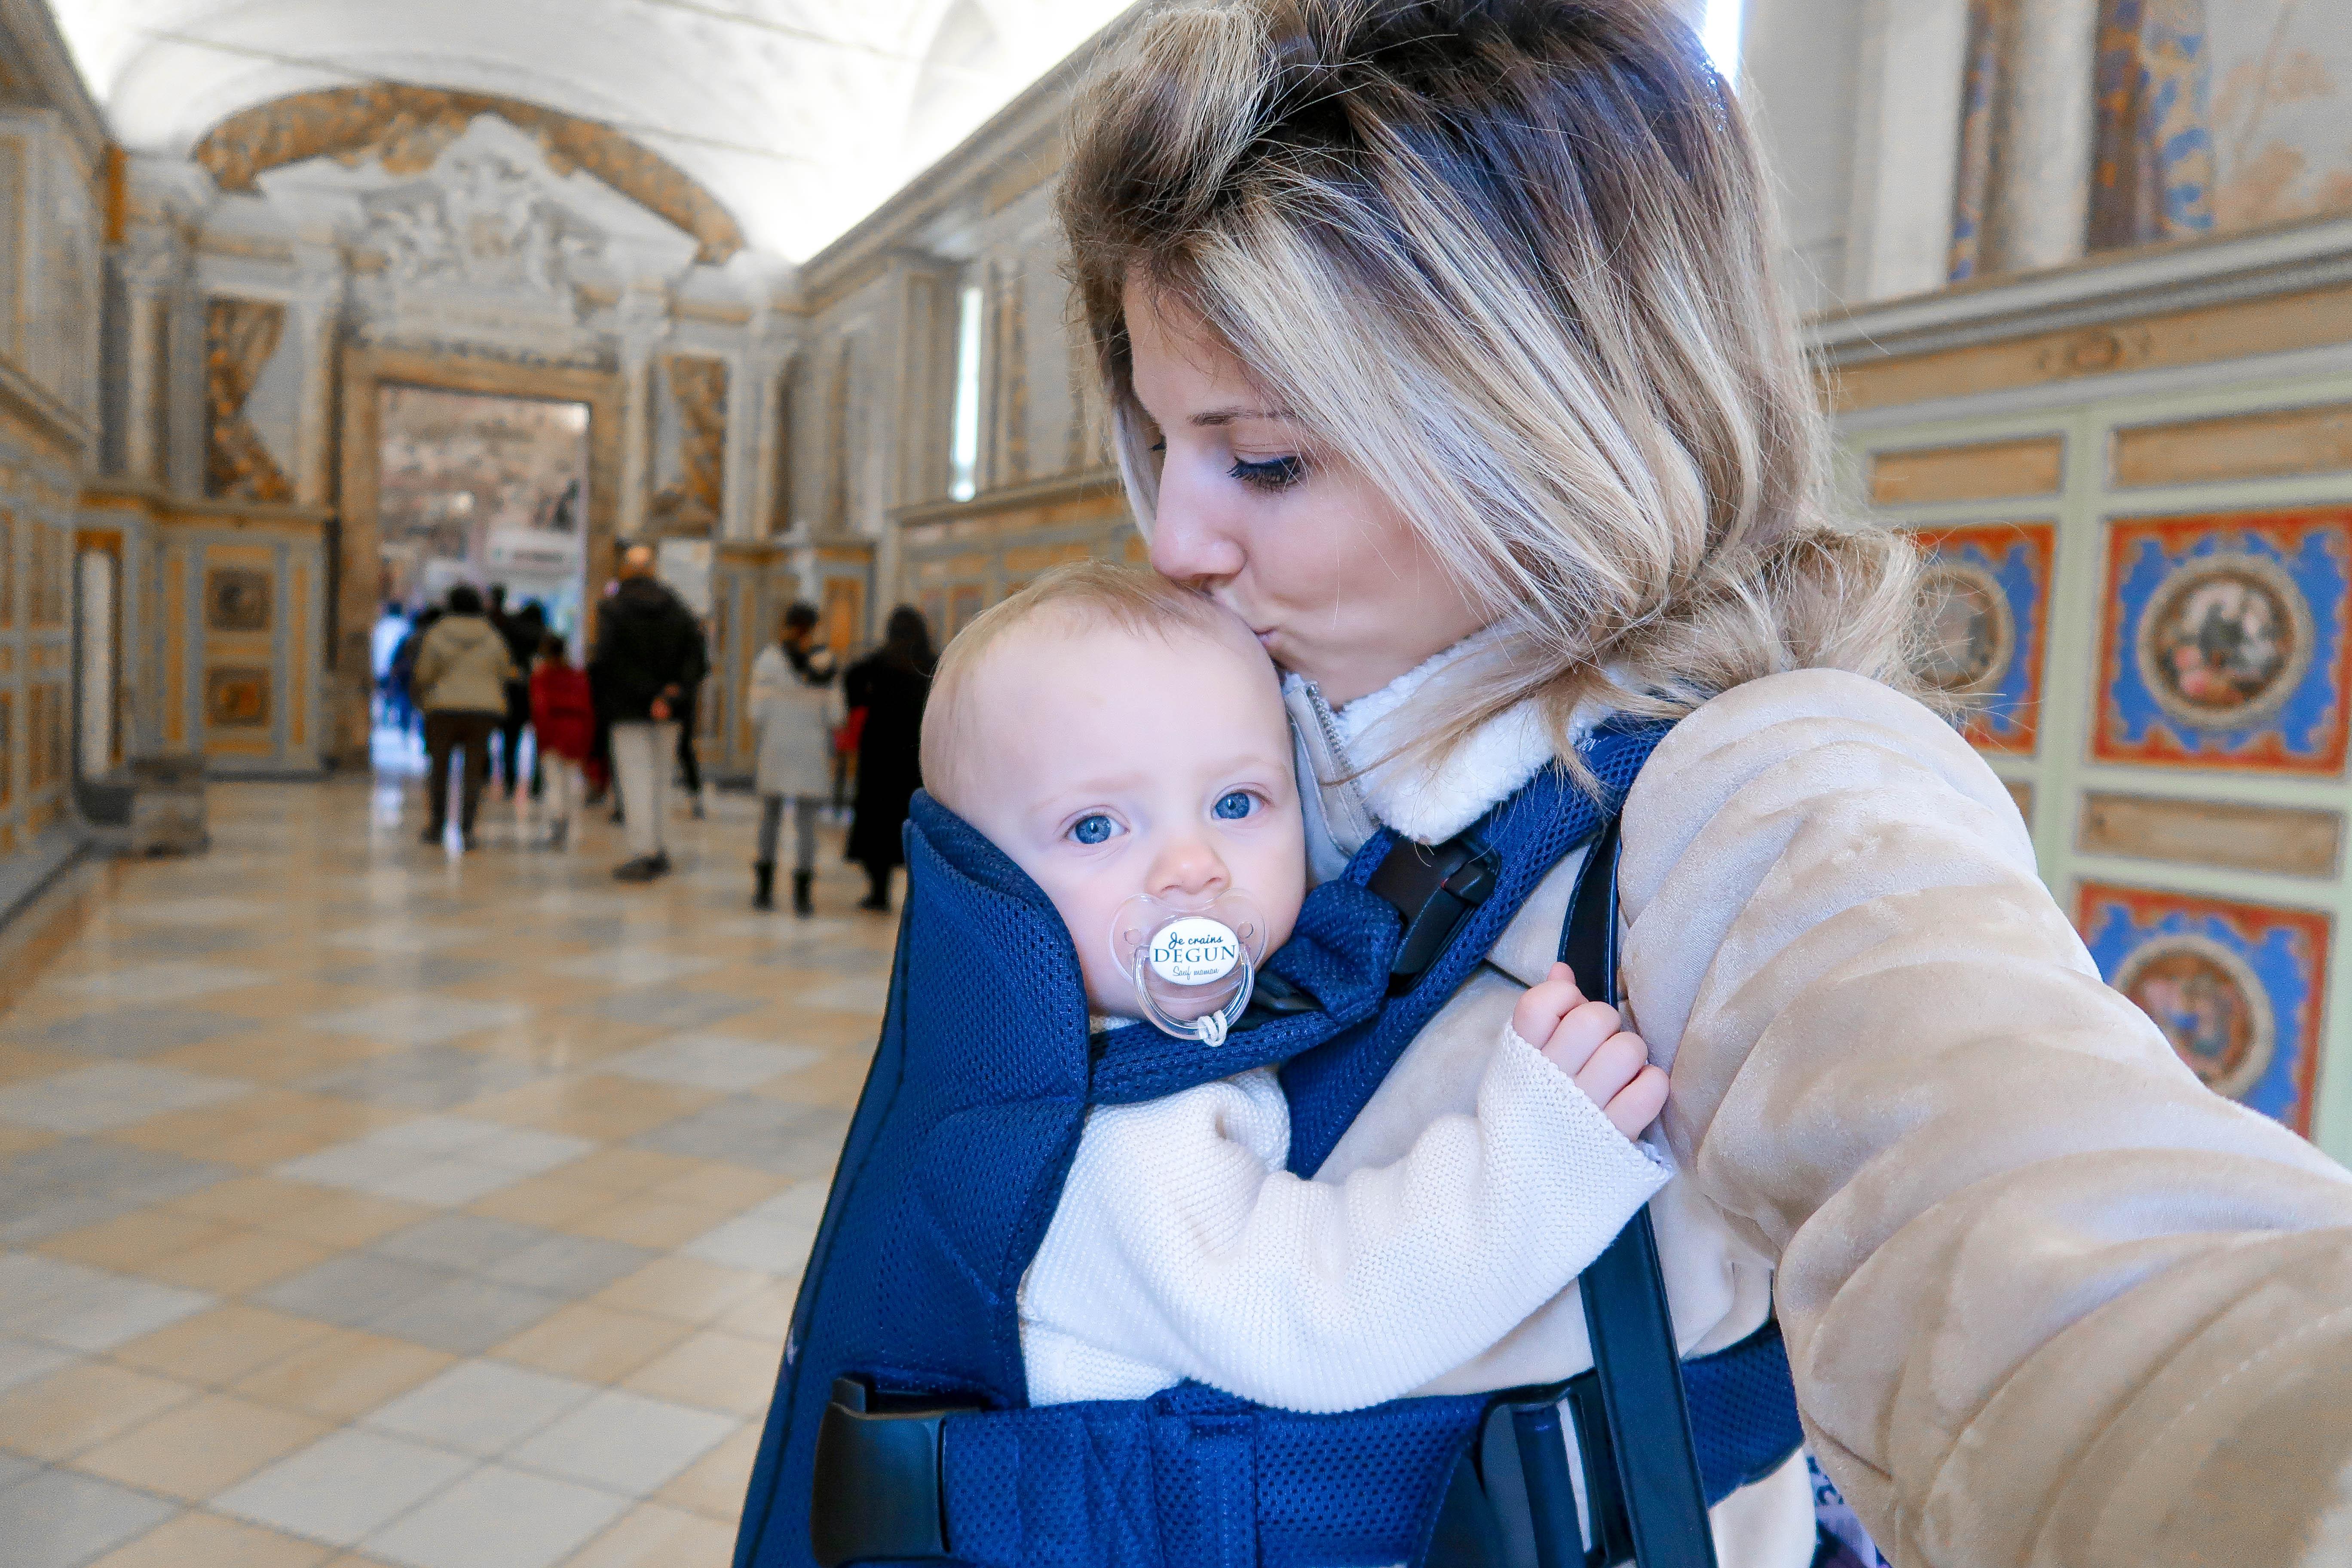 Notre Saint-Valentin à Rome